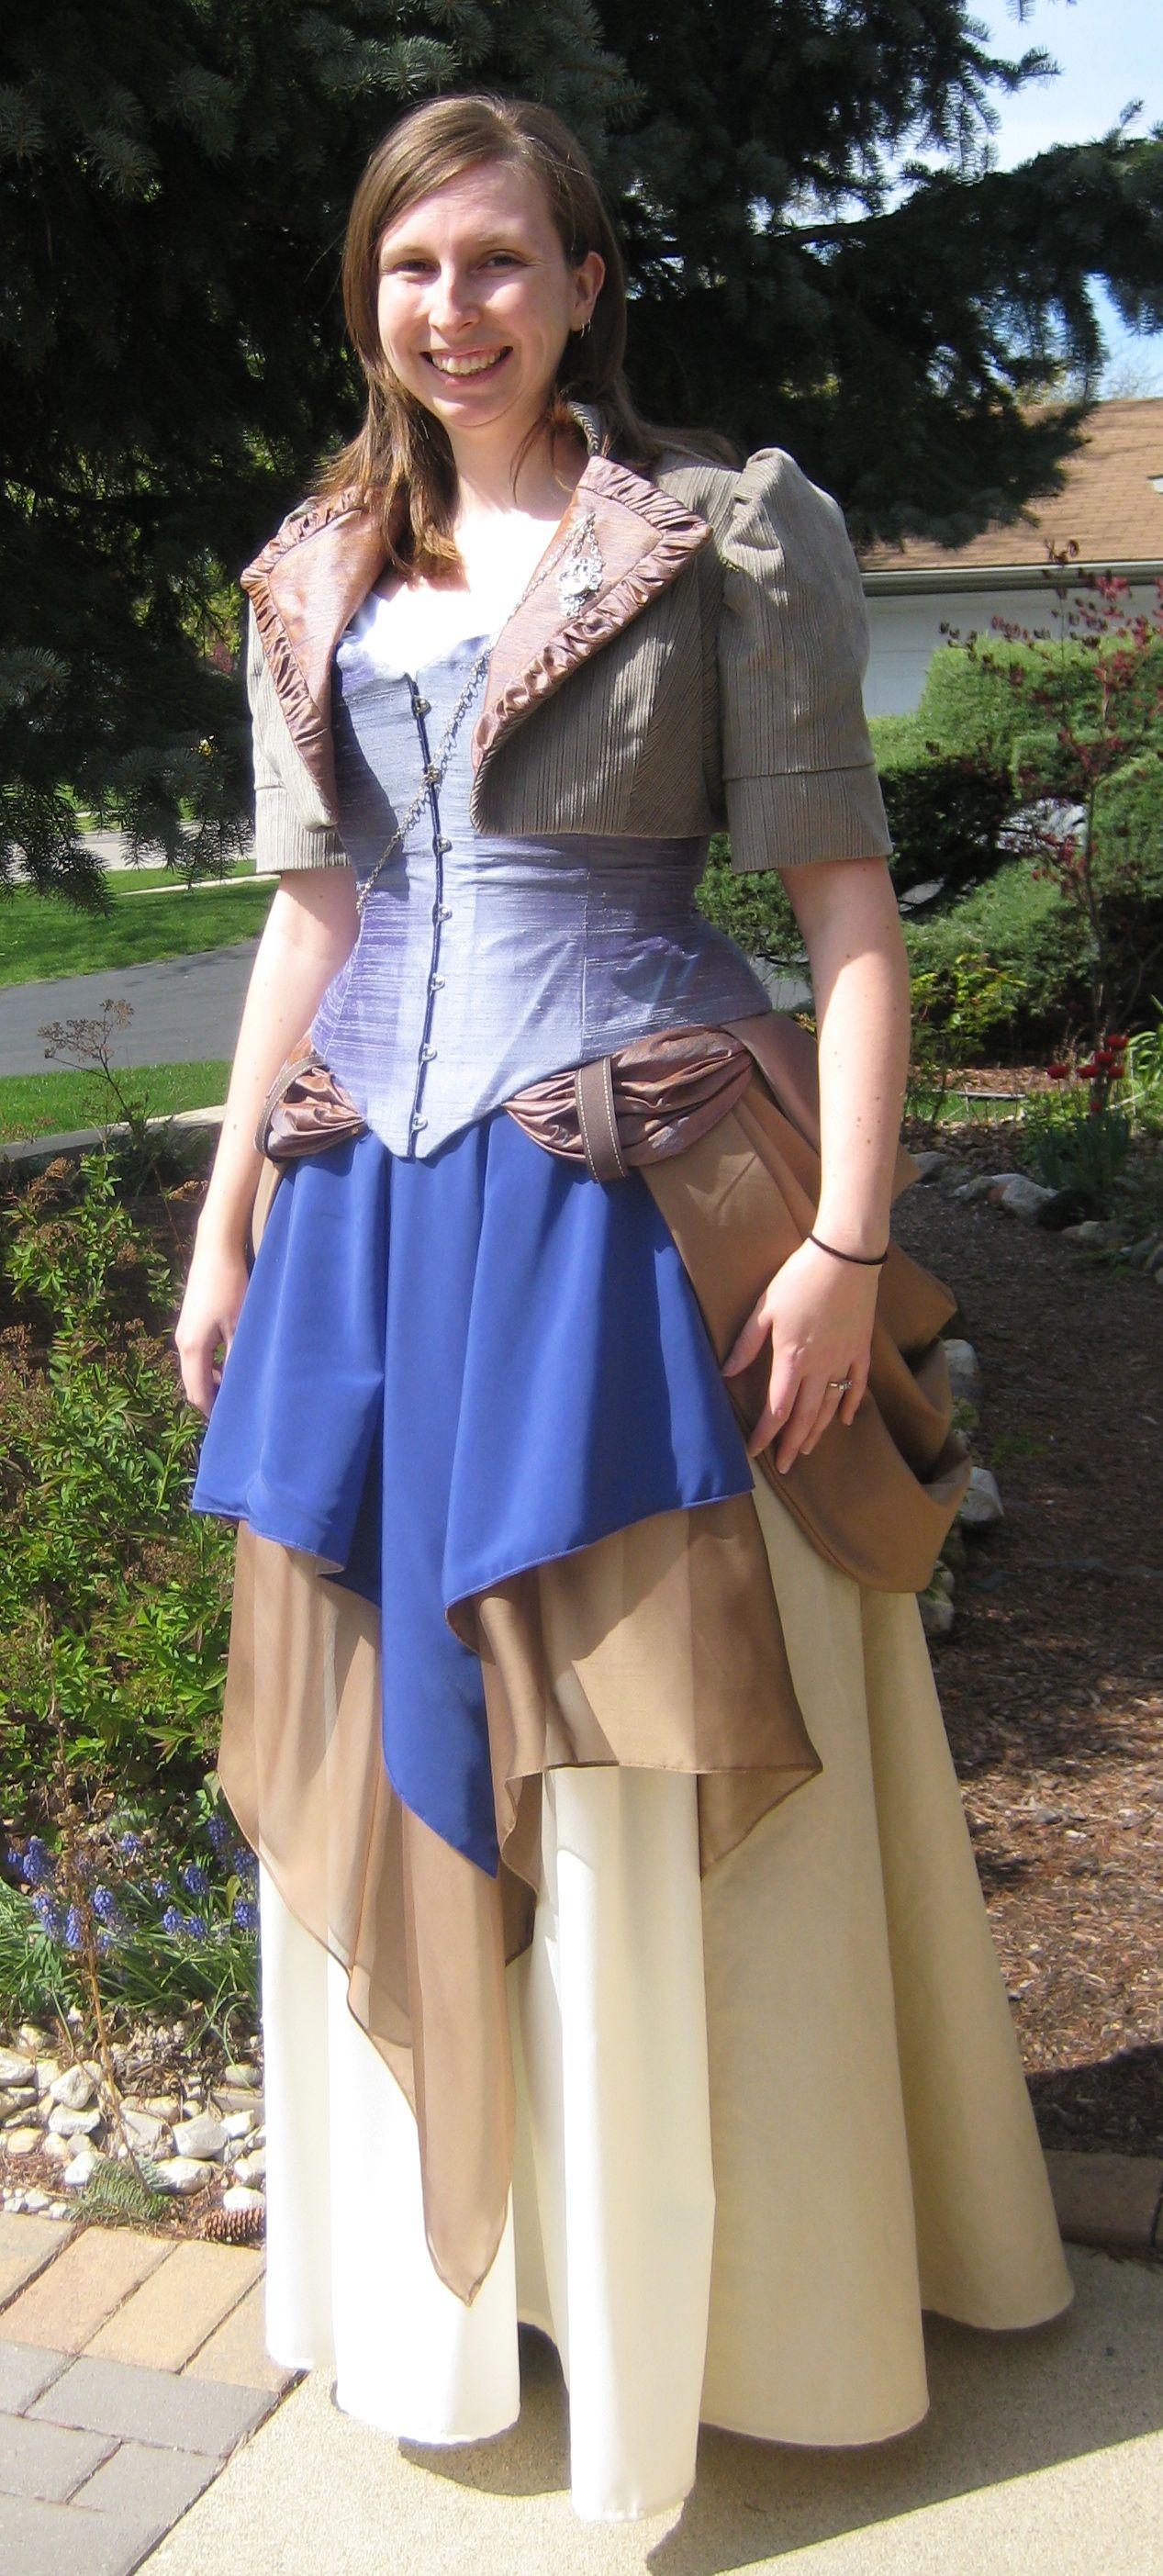 Steampunk Wedding Dress - Sempstress